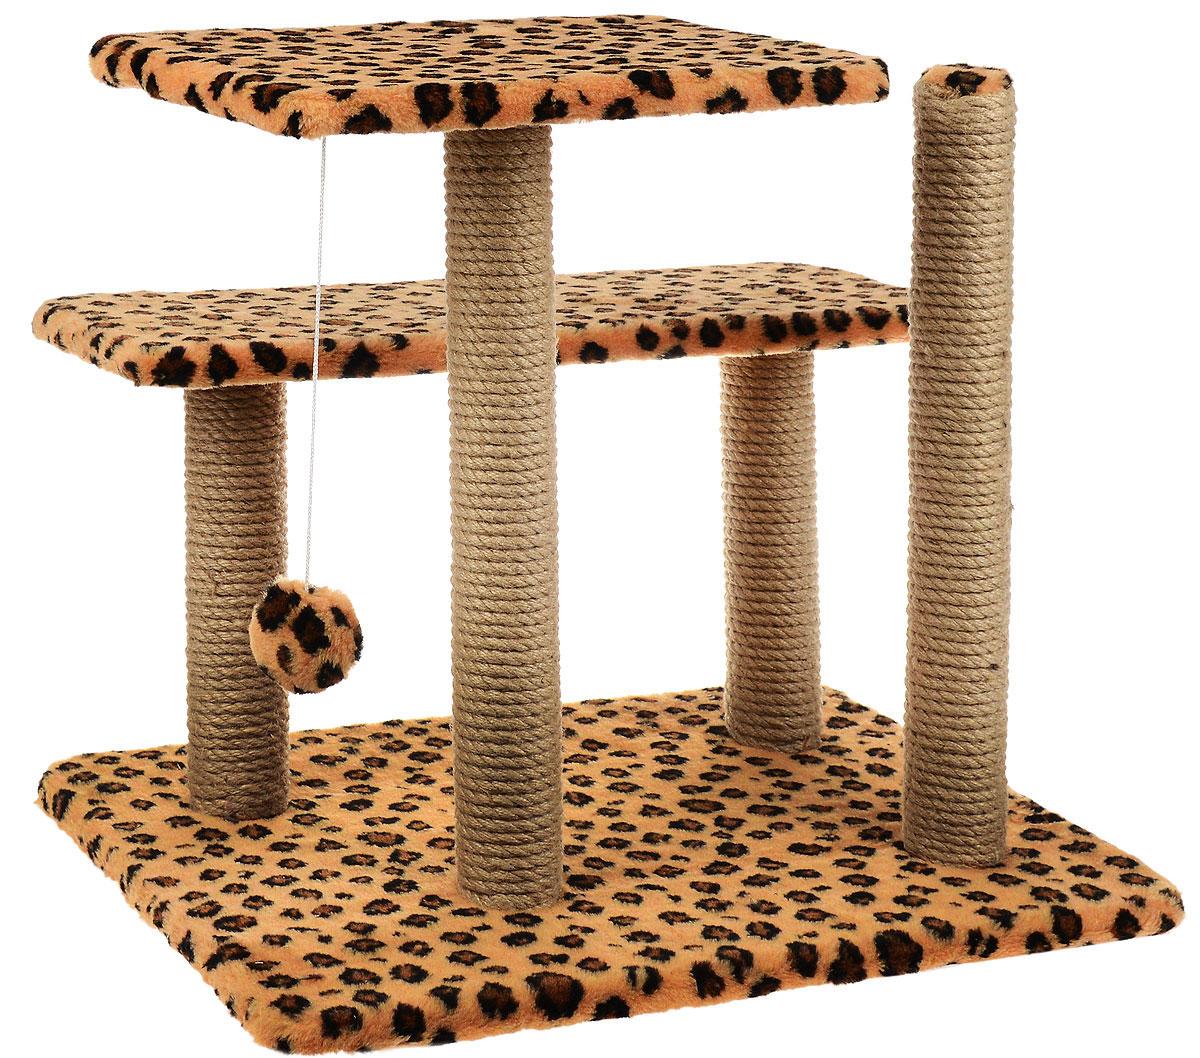 Игровой комплекс для кошек Меридиан, с игрушкой и когтеточками, цвет: коричневый, черный, бежевый, 61 х 41 х 53 см0120710Игровой комплекс поможет сохранить мебель и ковры в доме от когтей вашего любимца, стремящегося удовлетворить свою естественную потребность точить когти. Изделие изготовлено из ДСП, искусственного меха и джута. Товар продуман в мельчайших деталях и, несомненно, понравится вашей кошке. Имеется 2 полки и игрушка, которая привлечет внимание питомца.Общий размер: 61 х 41 х 53 см.Размер полок: 41 х 26 см, 61 х 21 см.Высота полок: 53 см, 33 см.